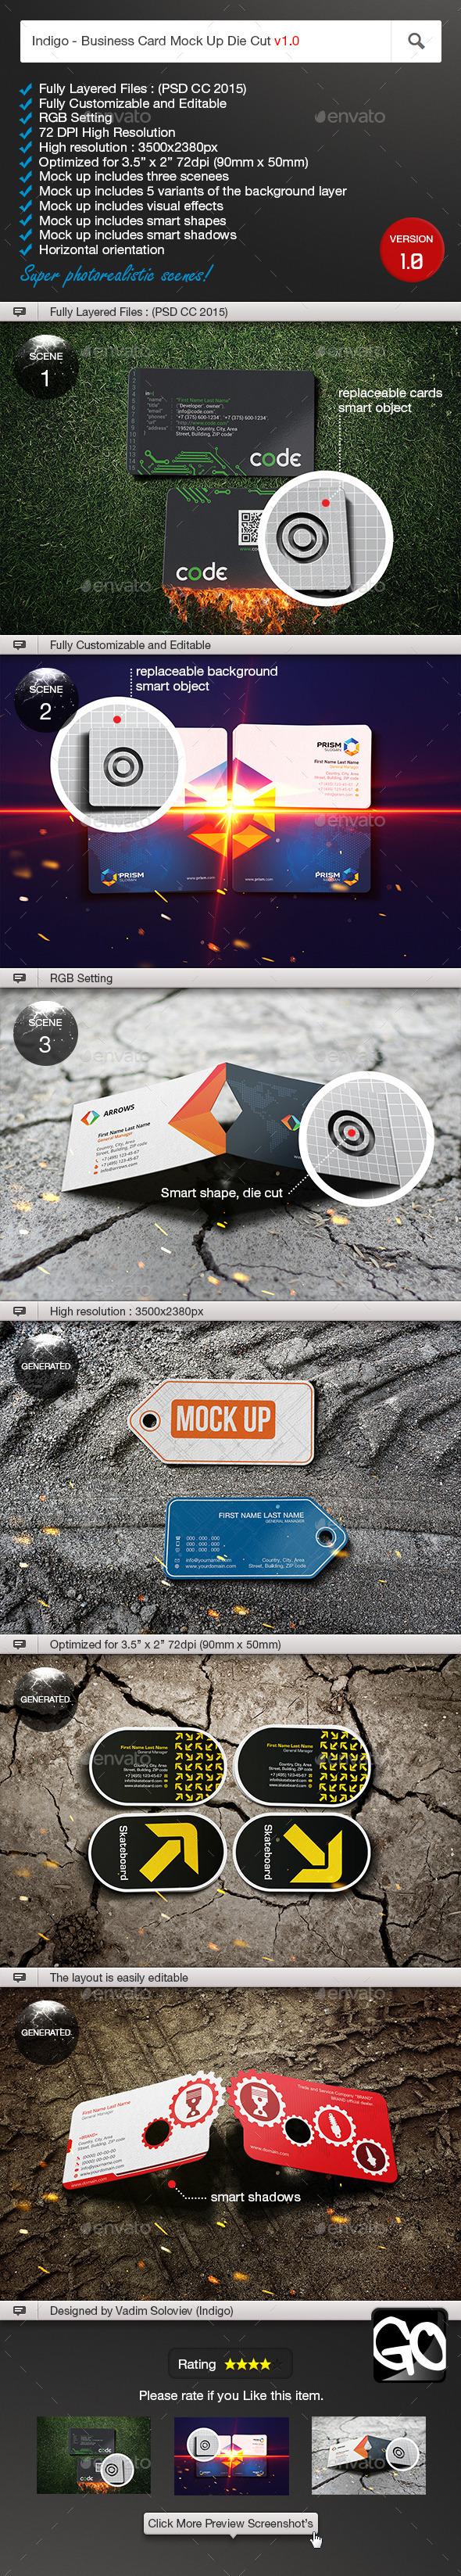 Indigo Business Card Mock Up Die Cut v1.0